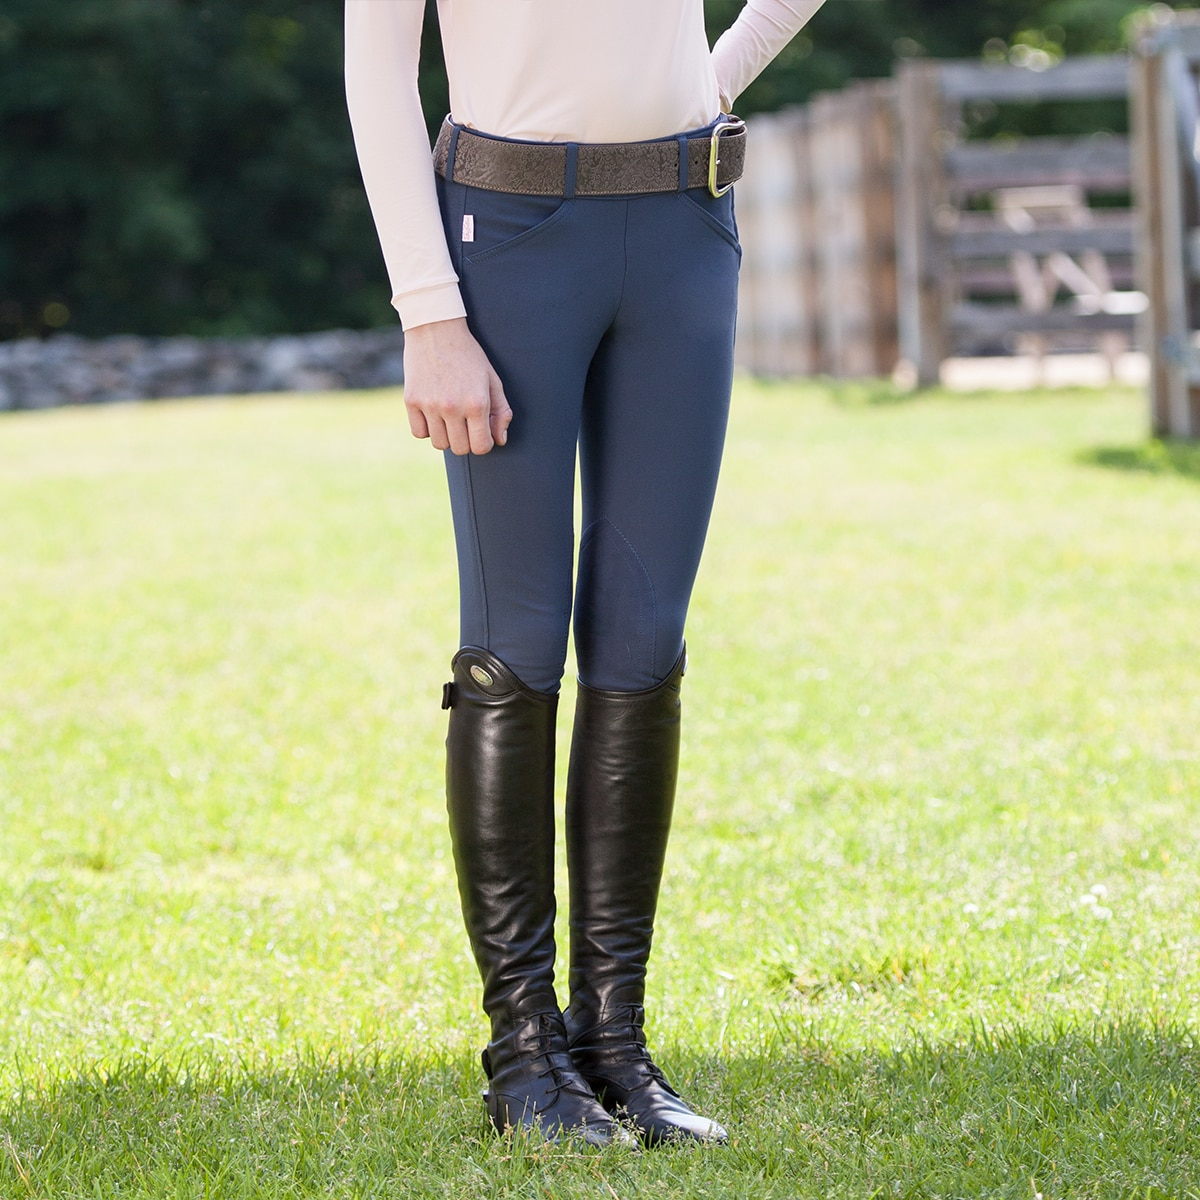 The Tailored Sportsman Girl's Trophy Hunter Side Zip Breech